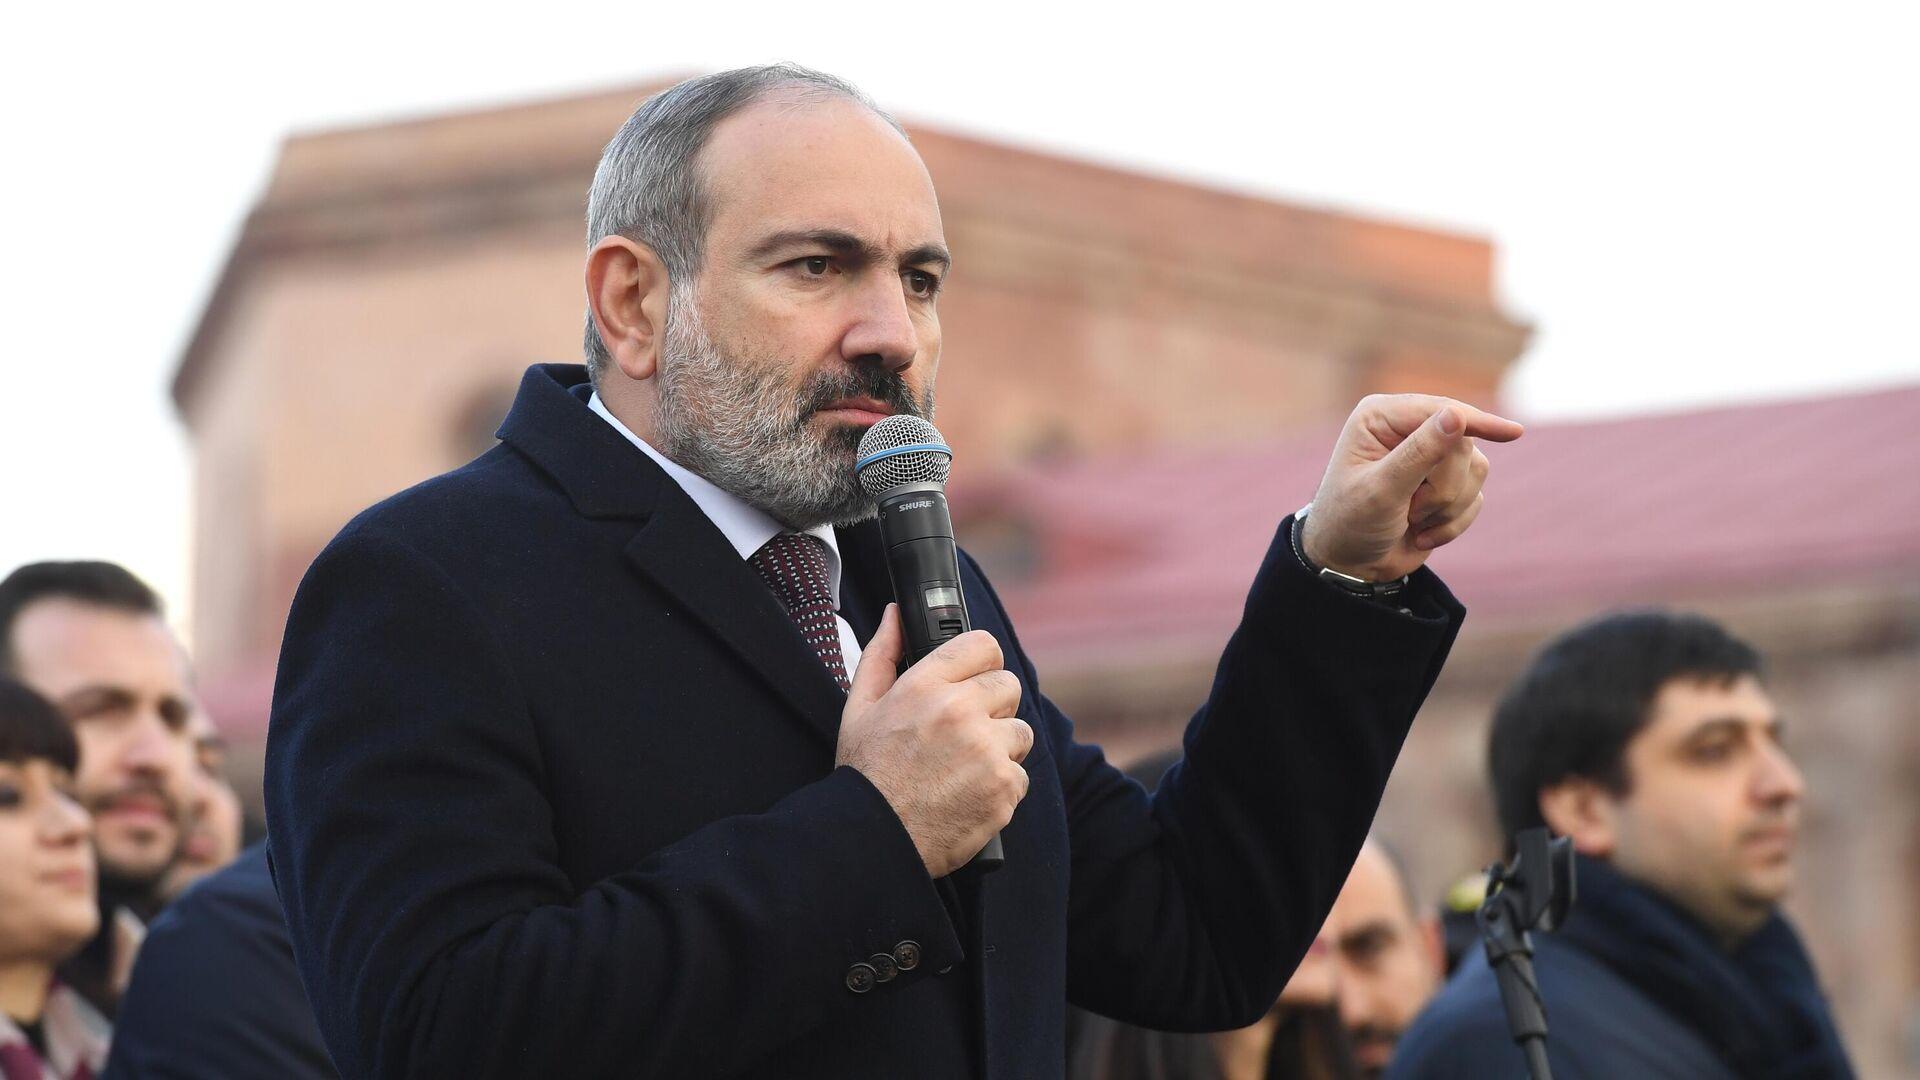 Премьер-министр Никола Пашинян выступает перед своими сторонниками в Ереване - РИА Новости, 1920, 03.05.2021